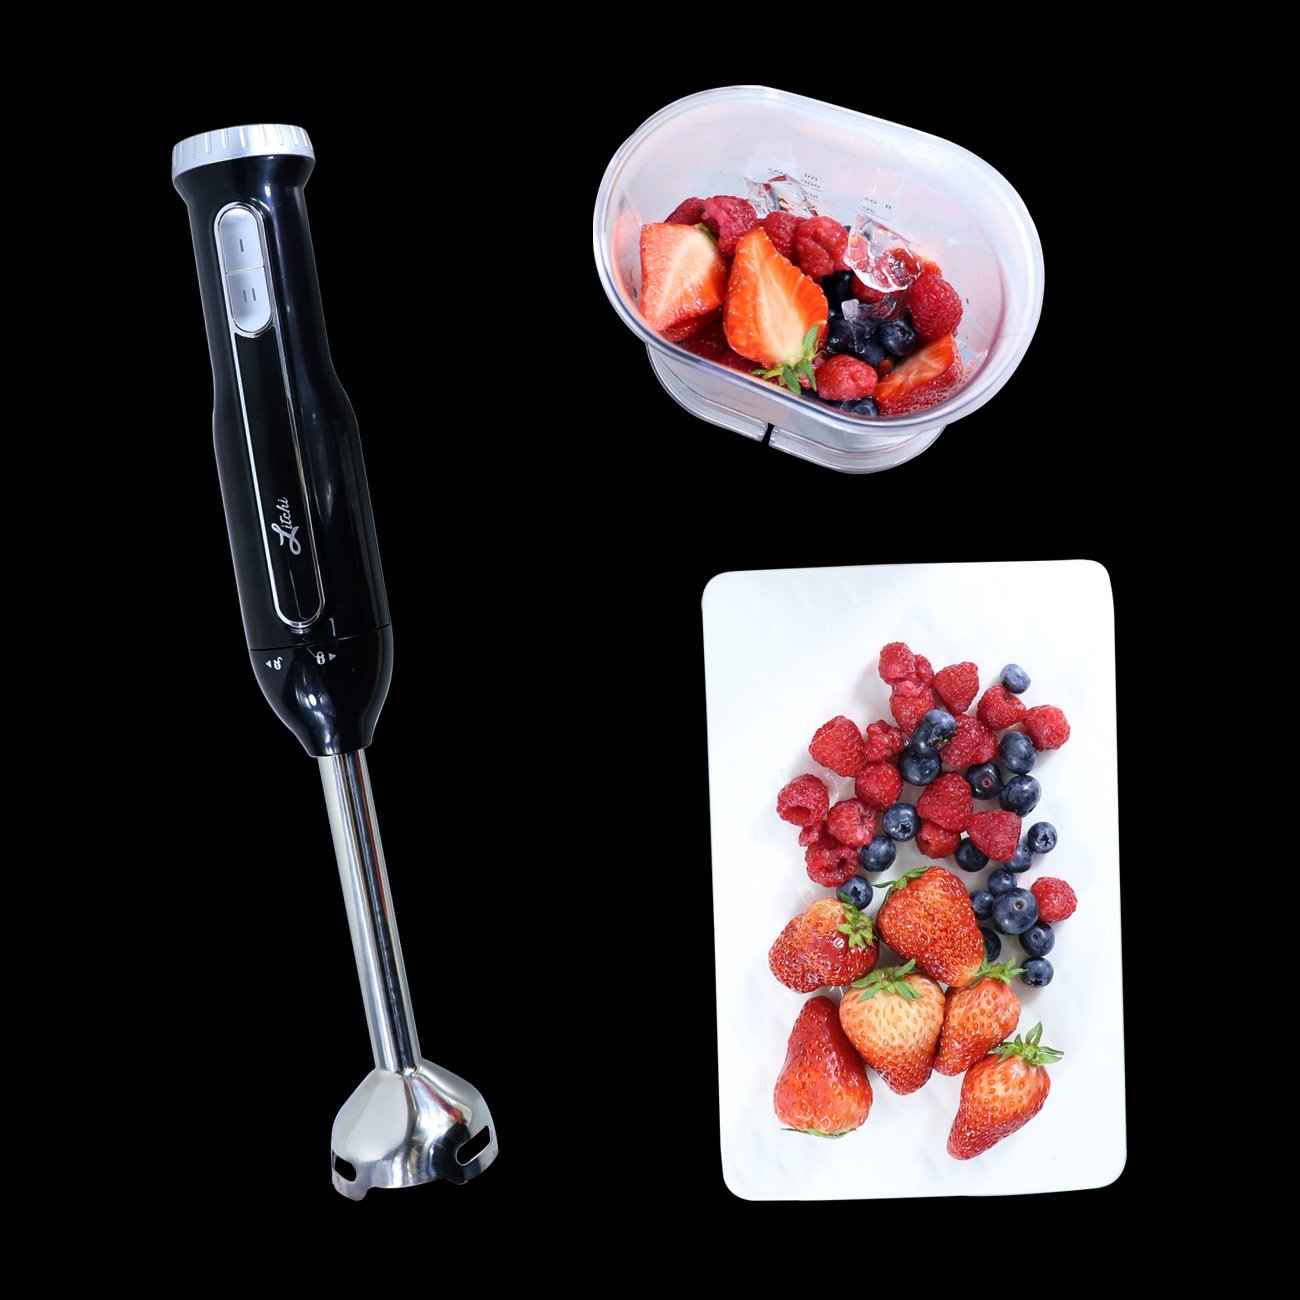 Anti-salpicaduras Negro Litchi Batidora de Mano 600 W de Potencia Multifuncional por Turmix Smoothies Salsa Sopa de verduras Sin Ruido